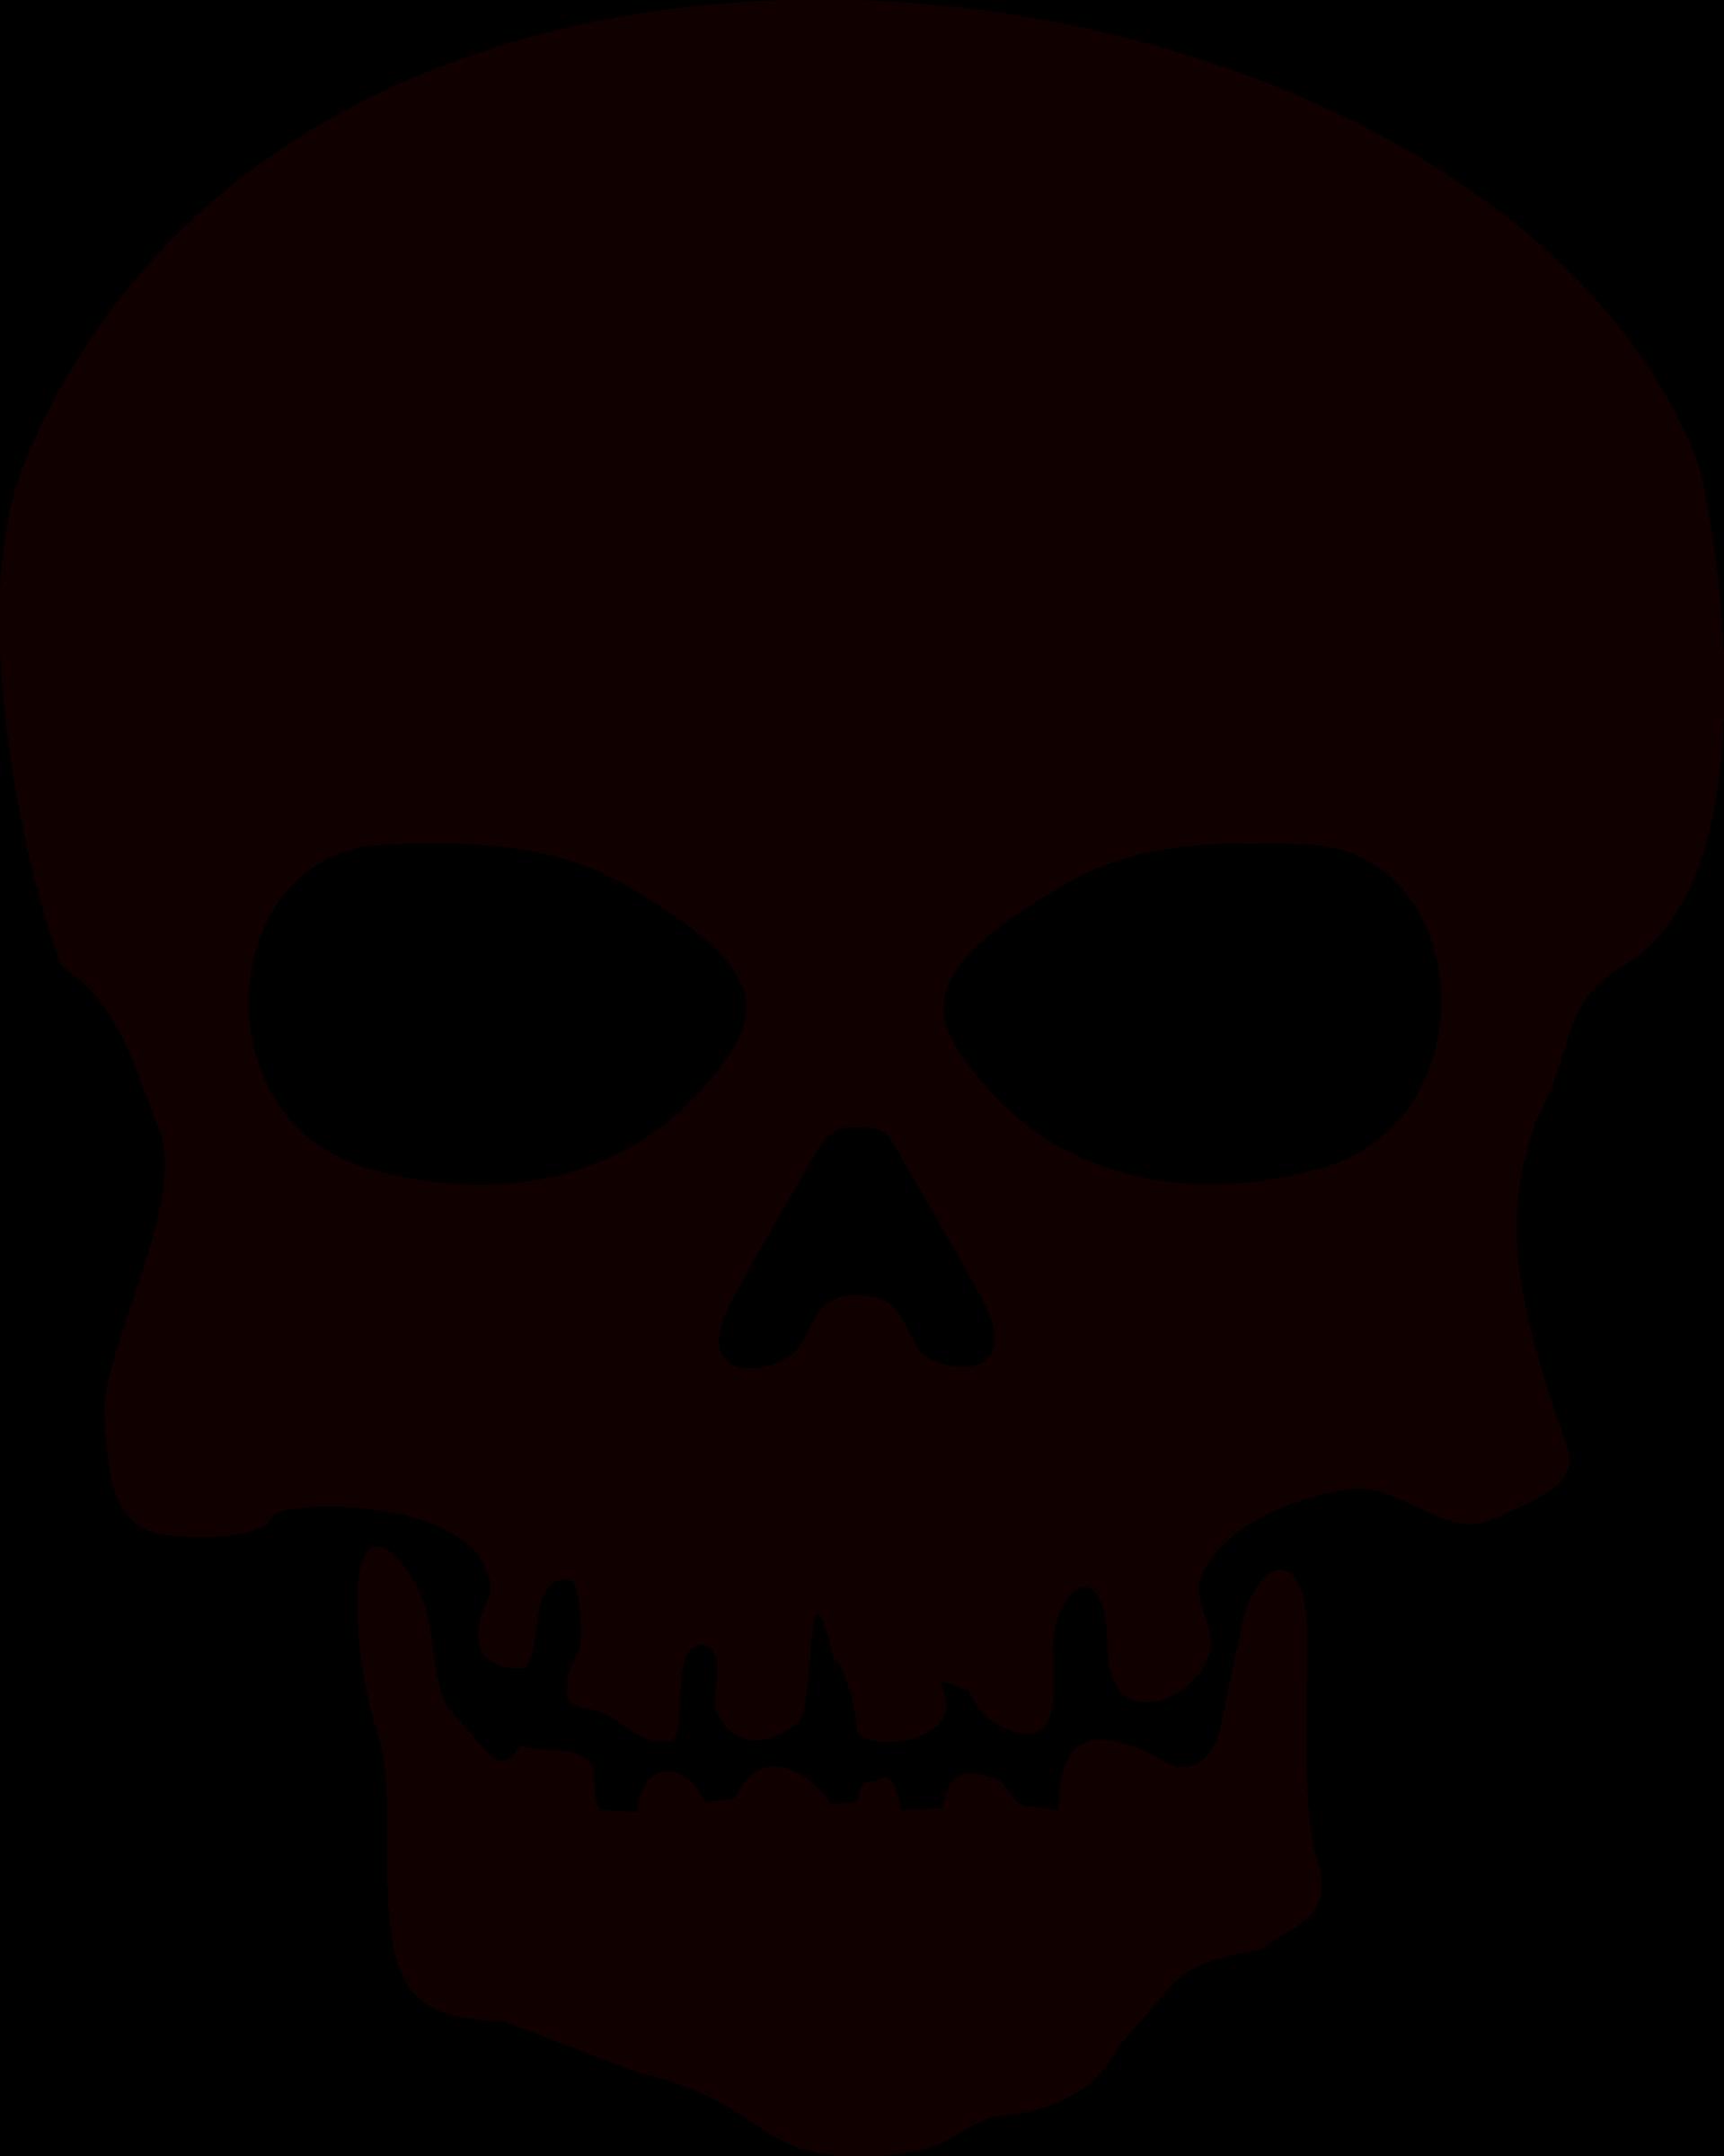 Череп лого PNG фото